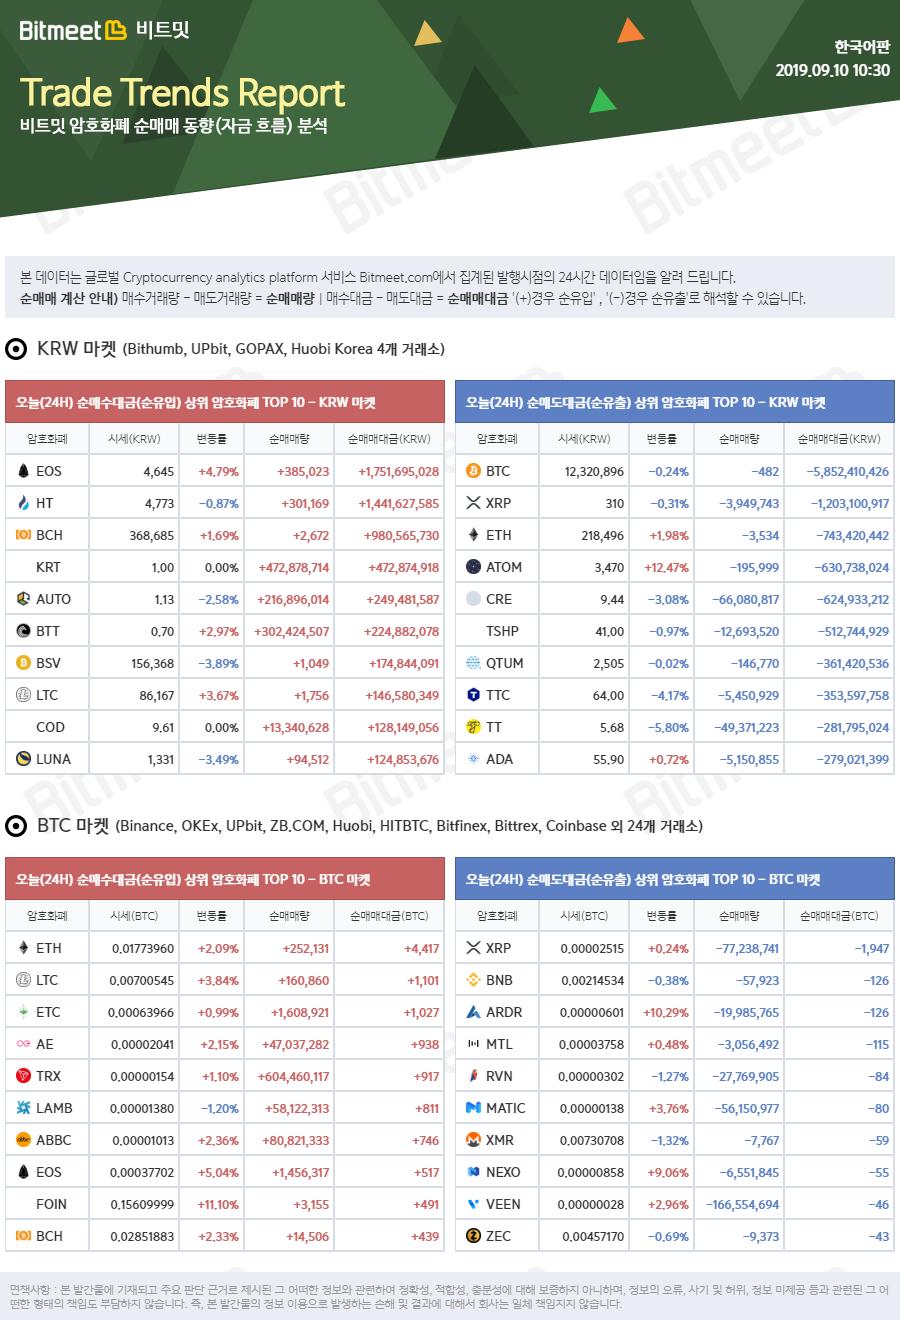 bitmeet_trends_report_2019-09-10_10_30_37.png